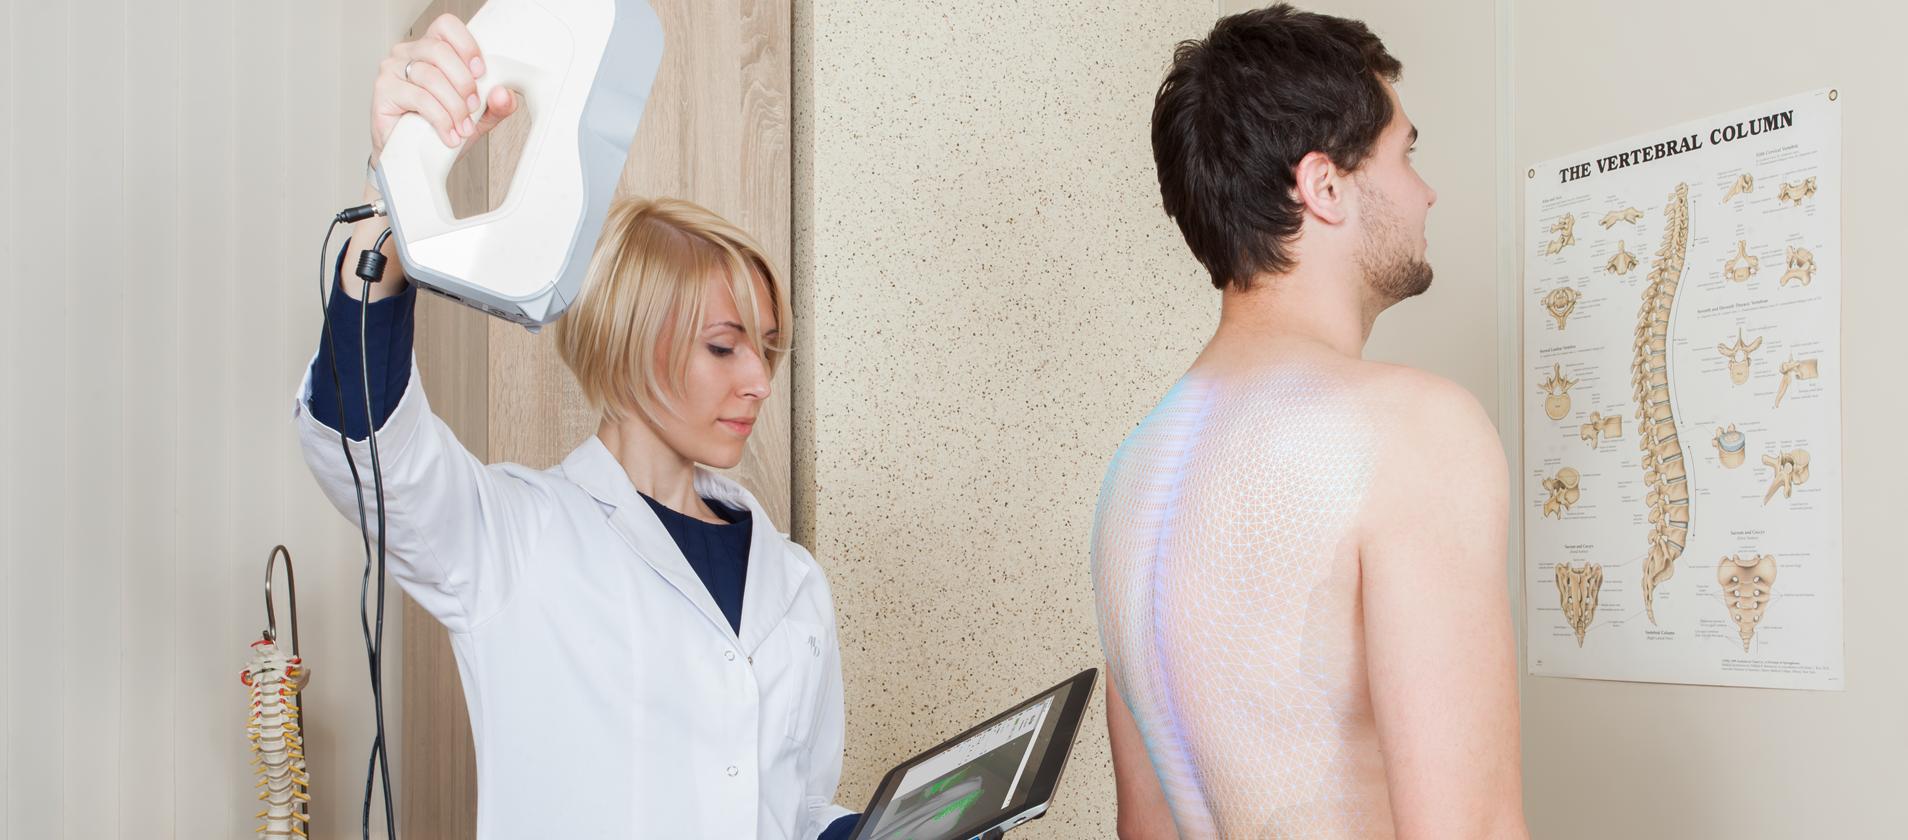 Zastosowanie skanerów 3D w medycynie